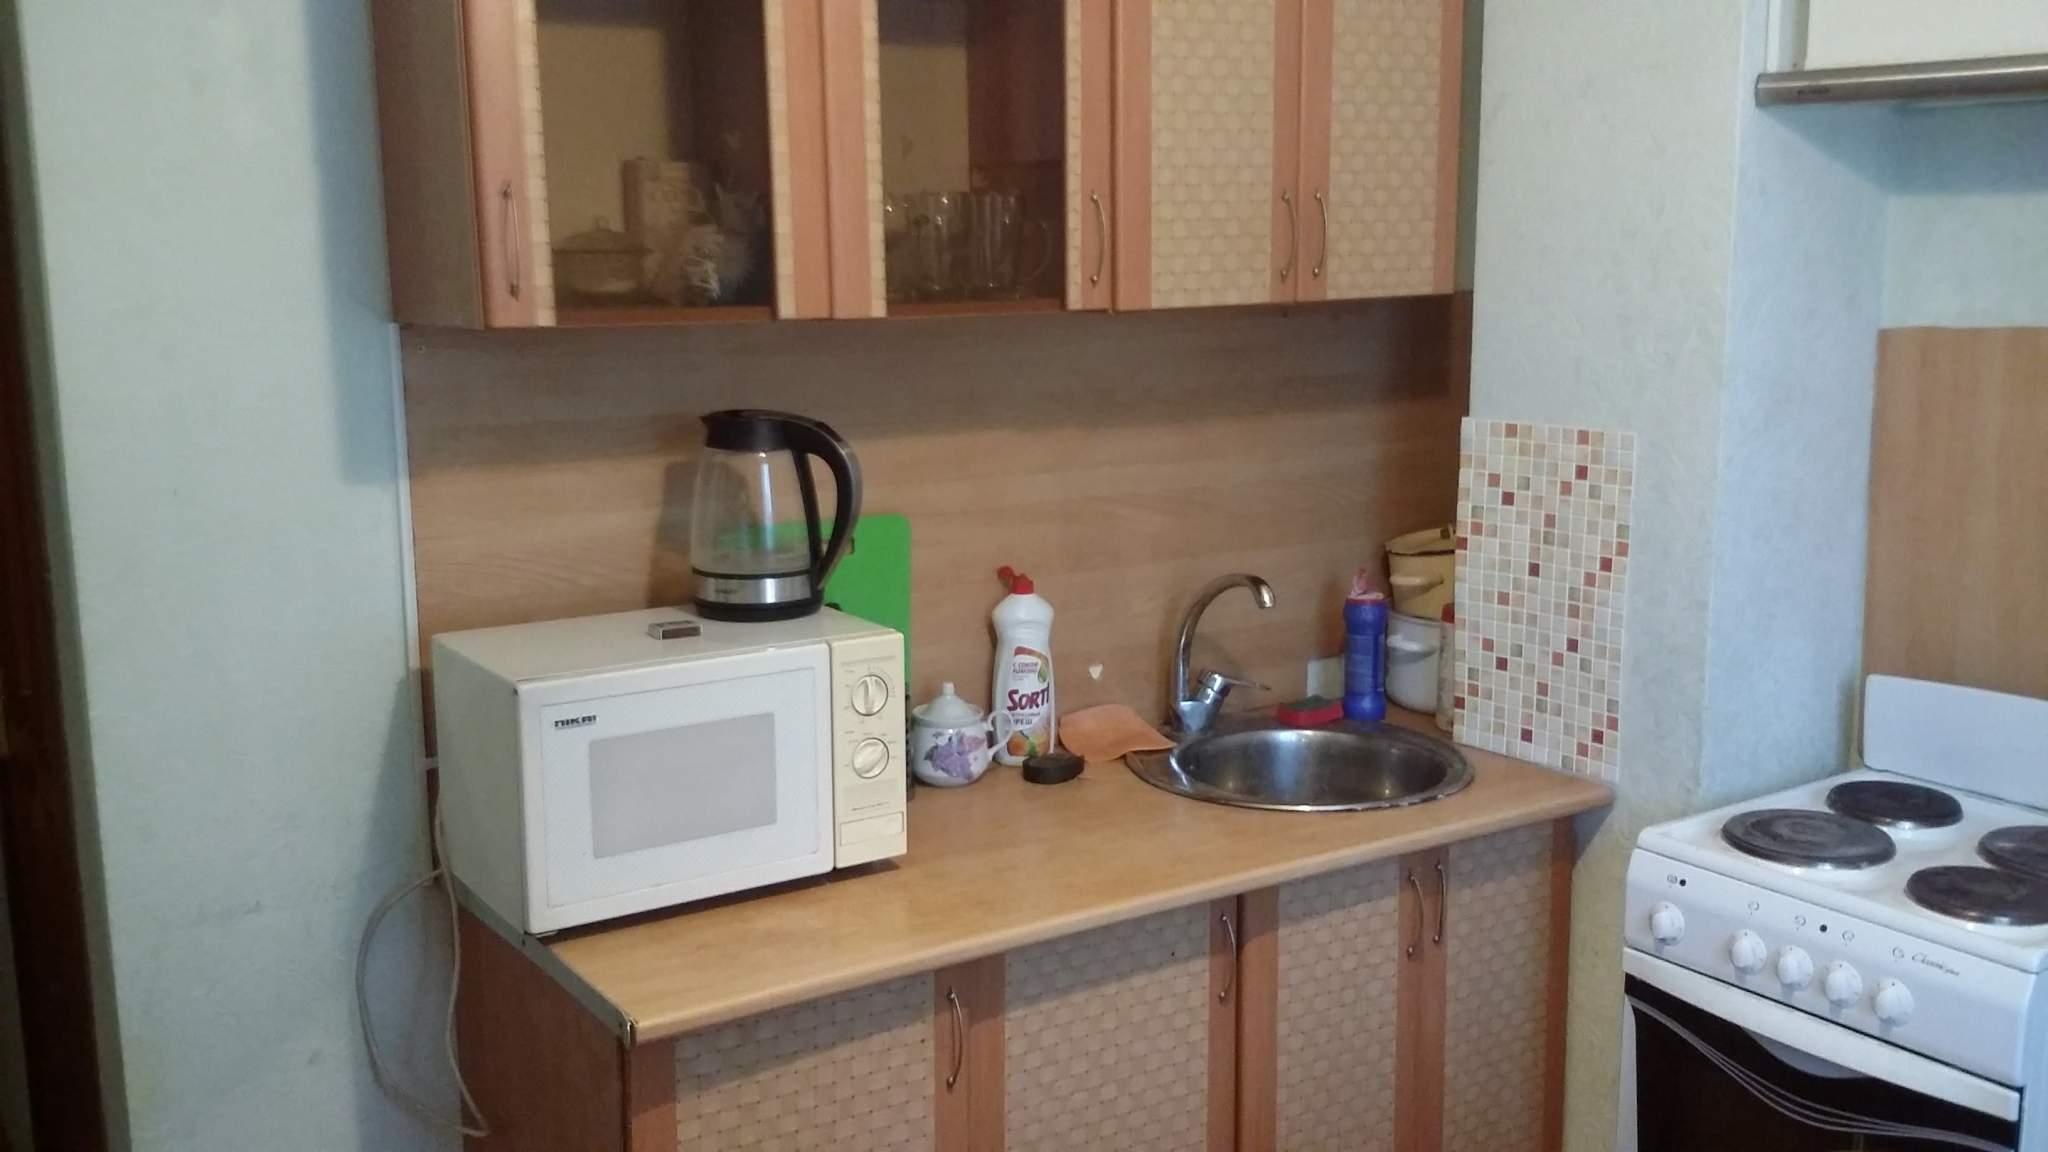 Квартира в аренду по адресу Россия, Московская обл, Химки, Панфилова улица, 4